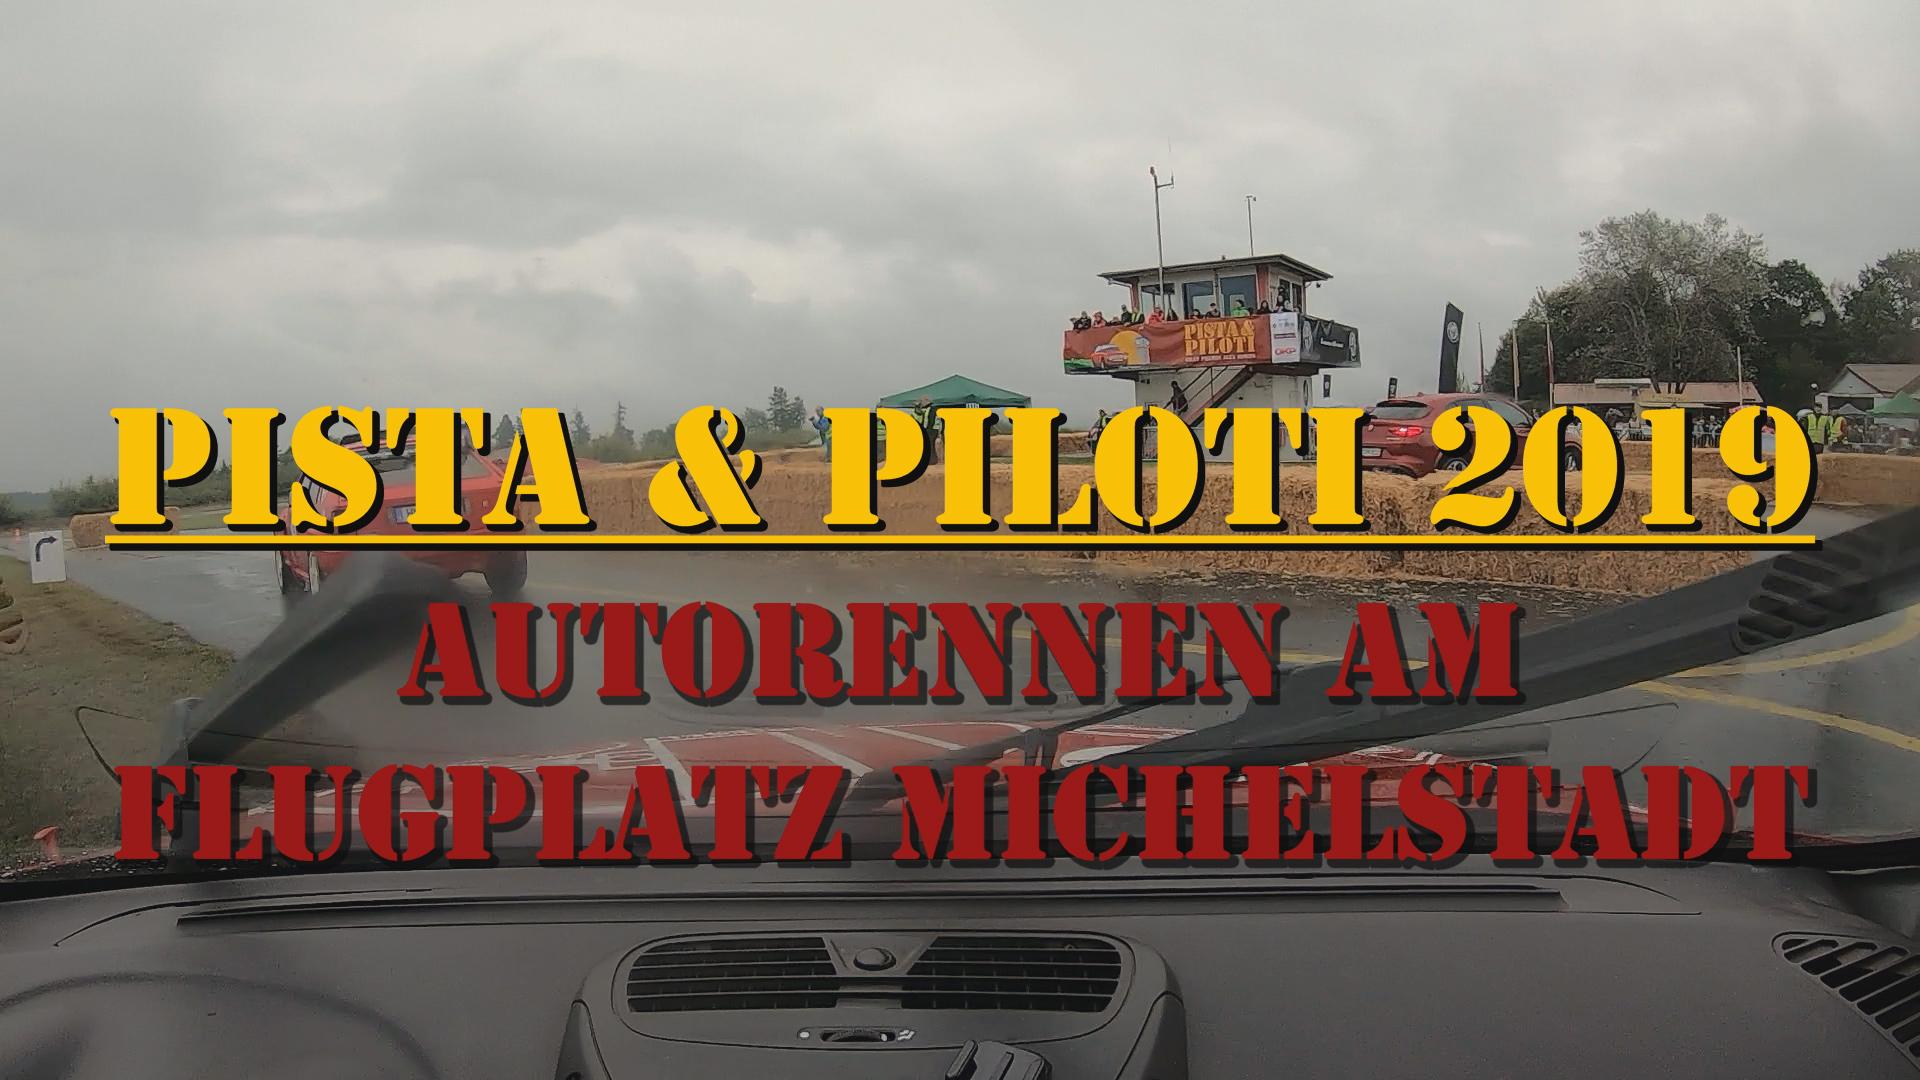 Der Alfadoktor bei PISTA & PILOTI 2019 am Flugplatz Michelstadt